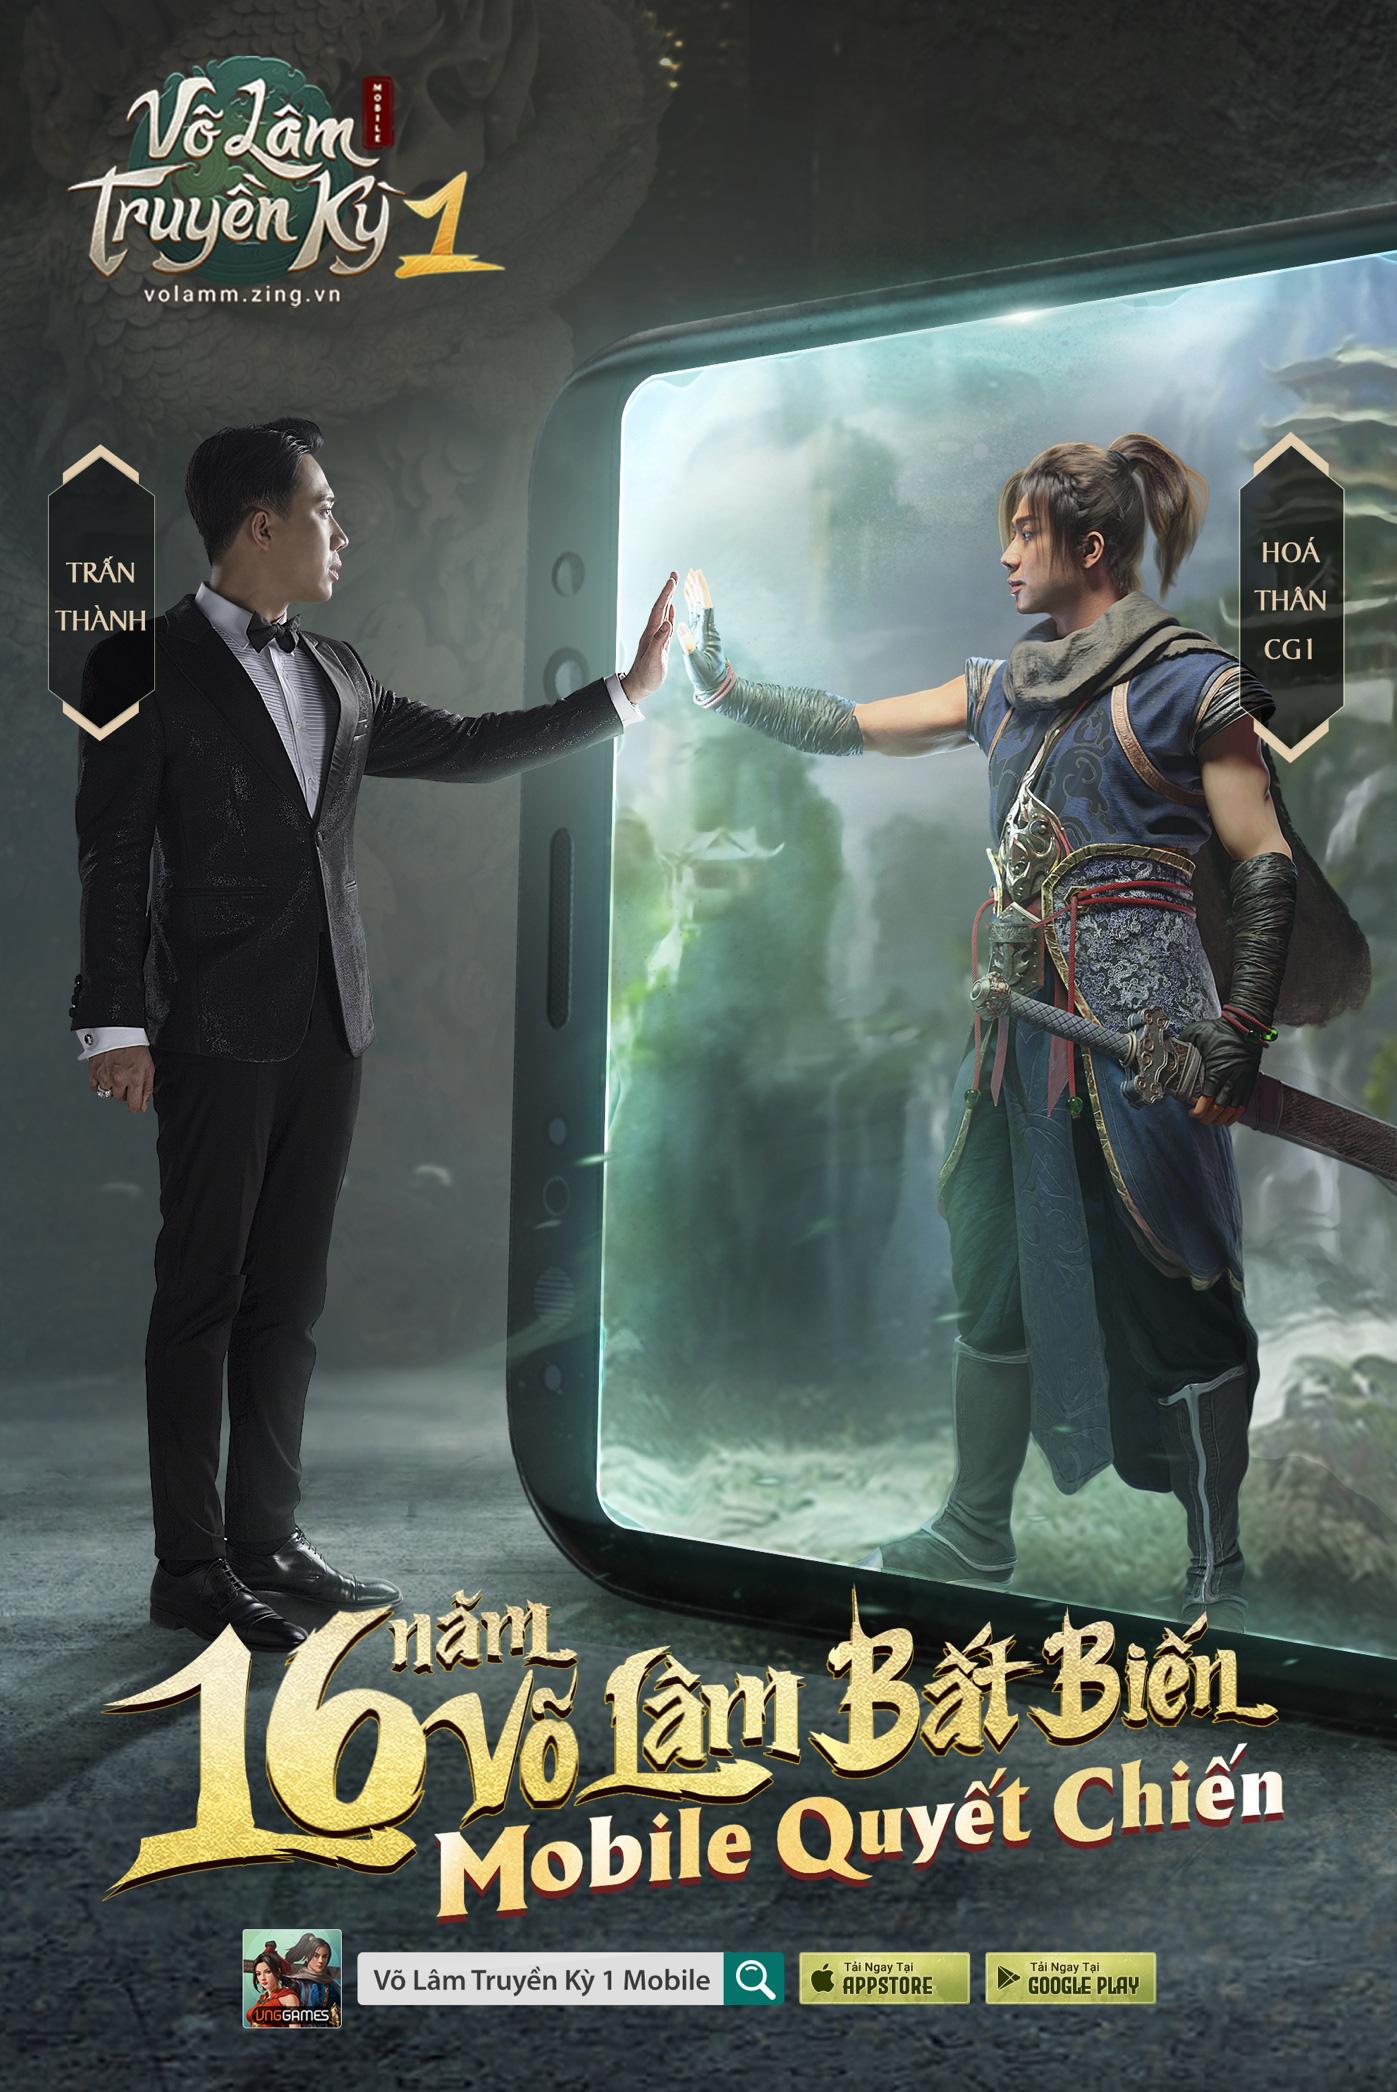 Võ Lâm Truyền Kỳ 1 Mobile ra mắt: Ngập tràn cảm xúc trong cộng đồng game thủ Việt - Ảnh 7.